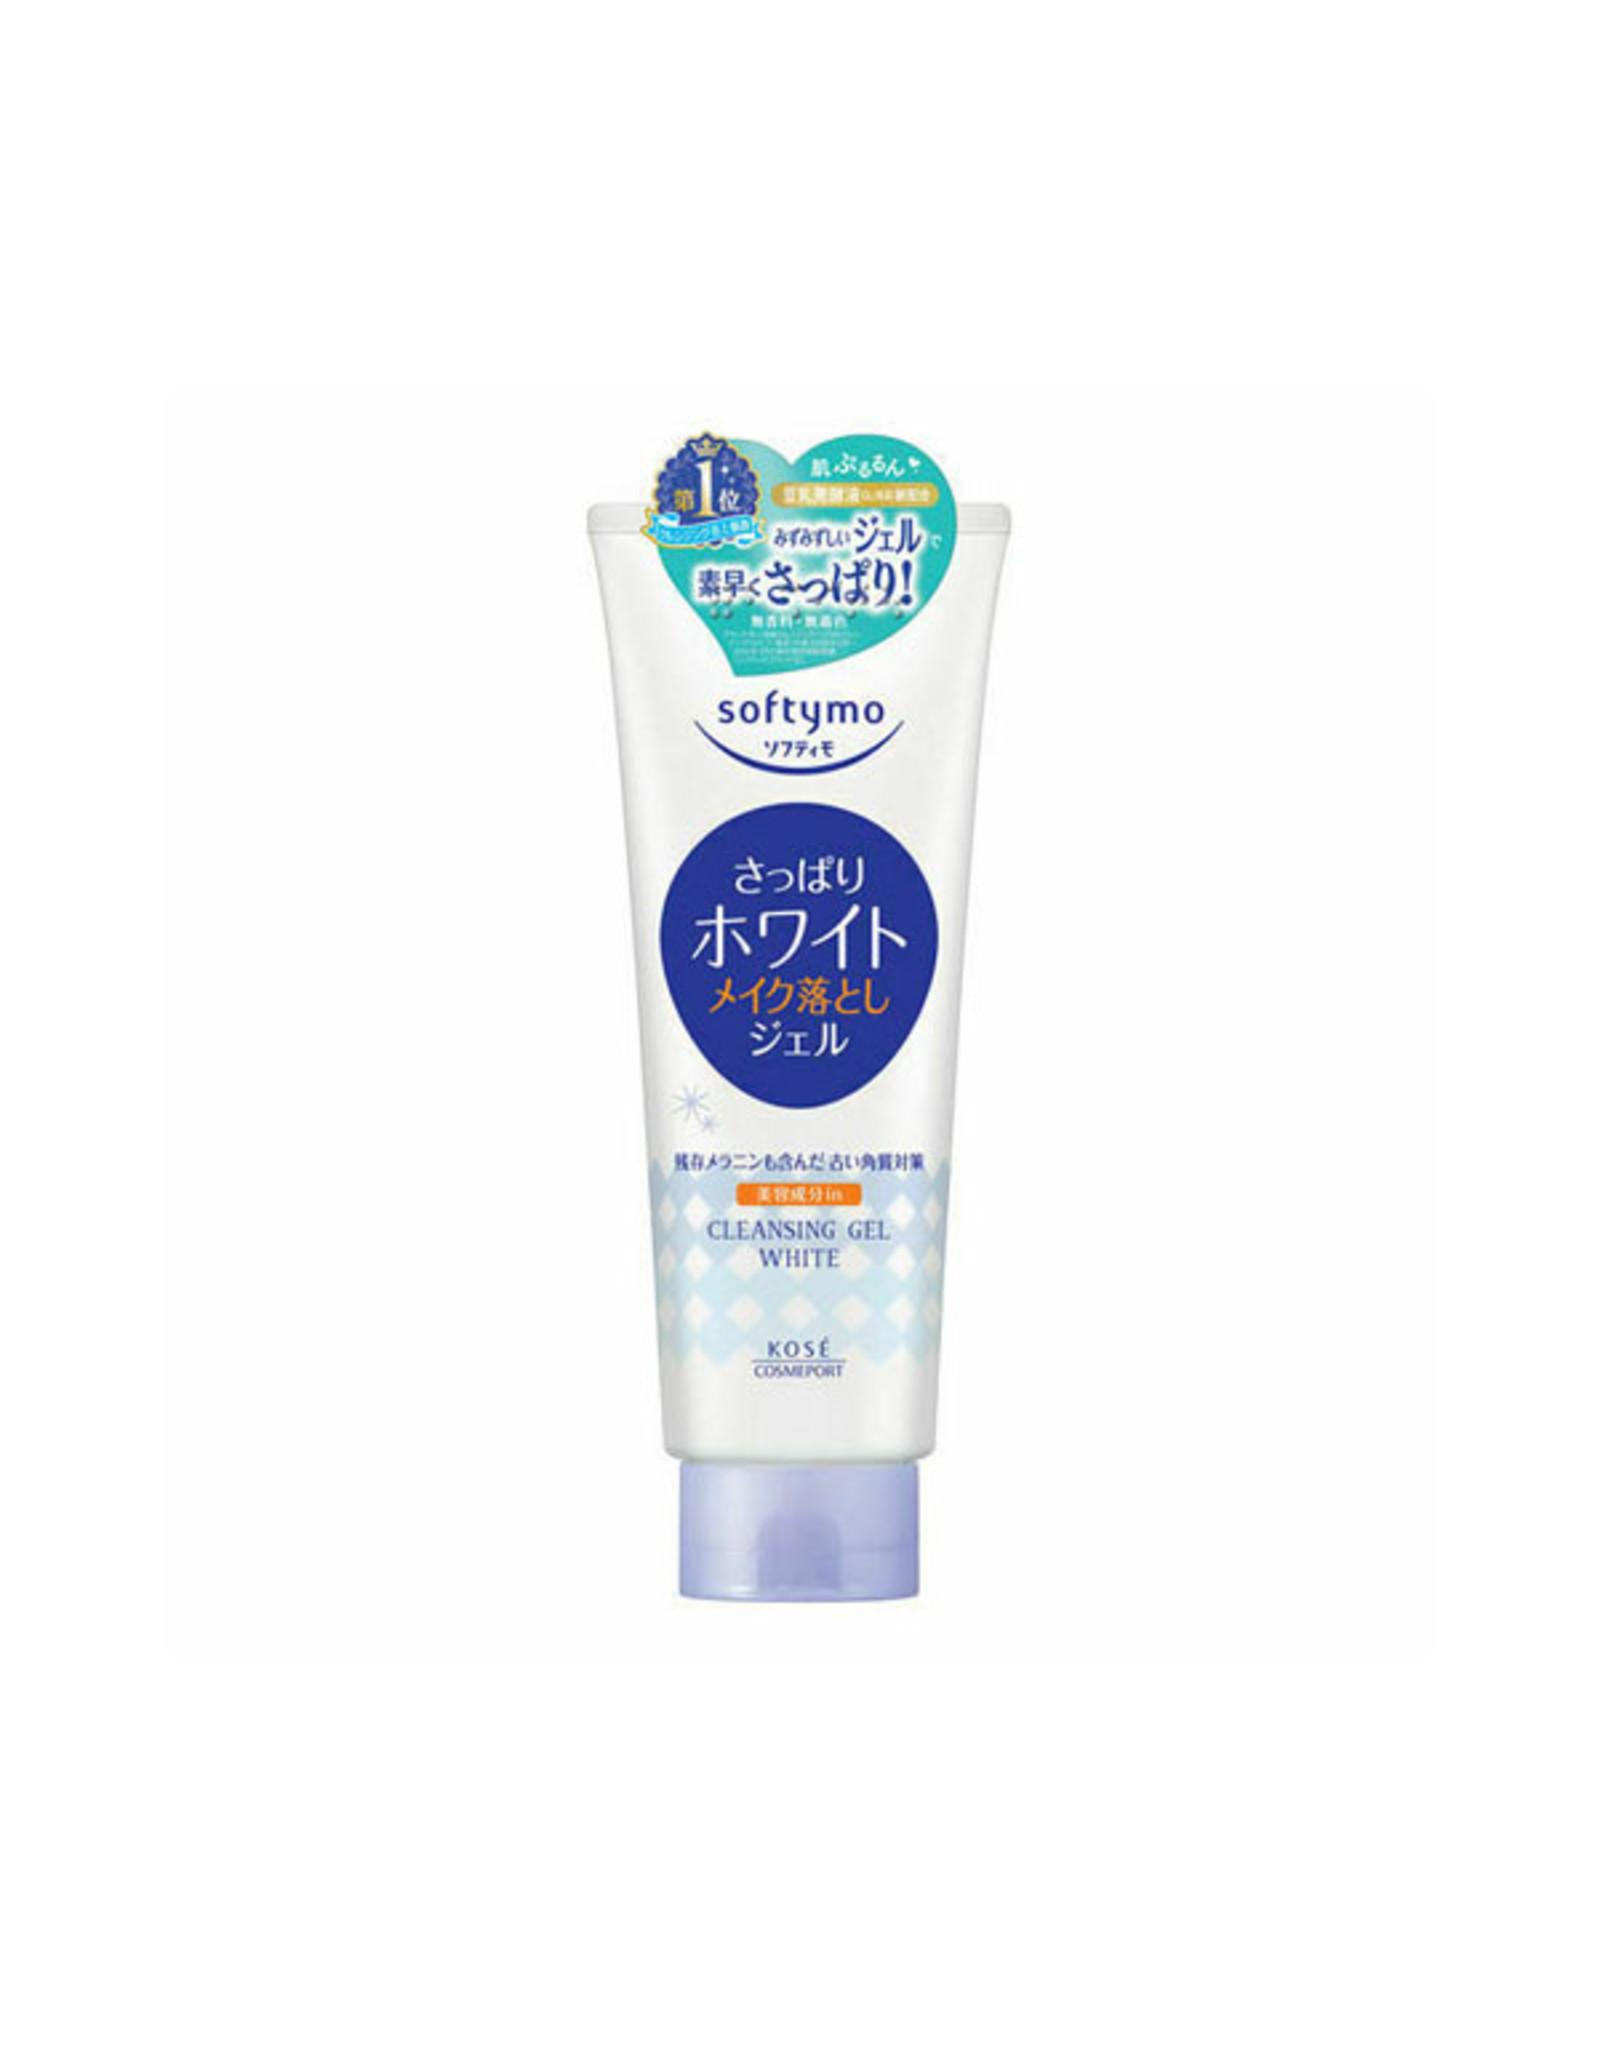 Kose Kose Softymo White Makeup Cleansing Gel